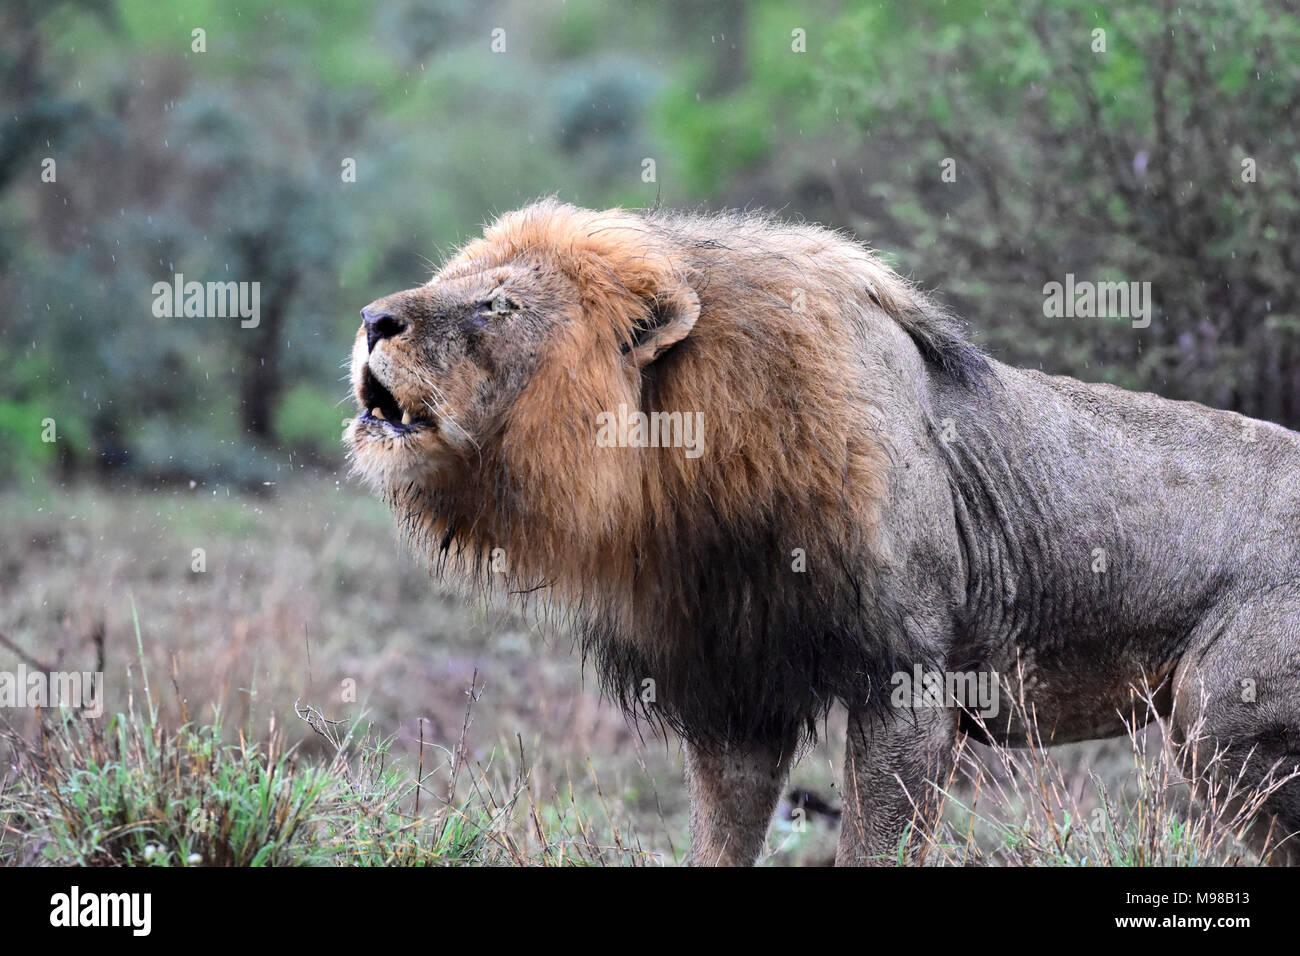 Wütend nass männliche Löwe brüllend im Regen. Stockfoto